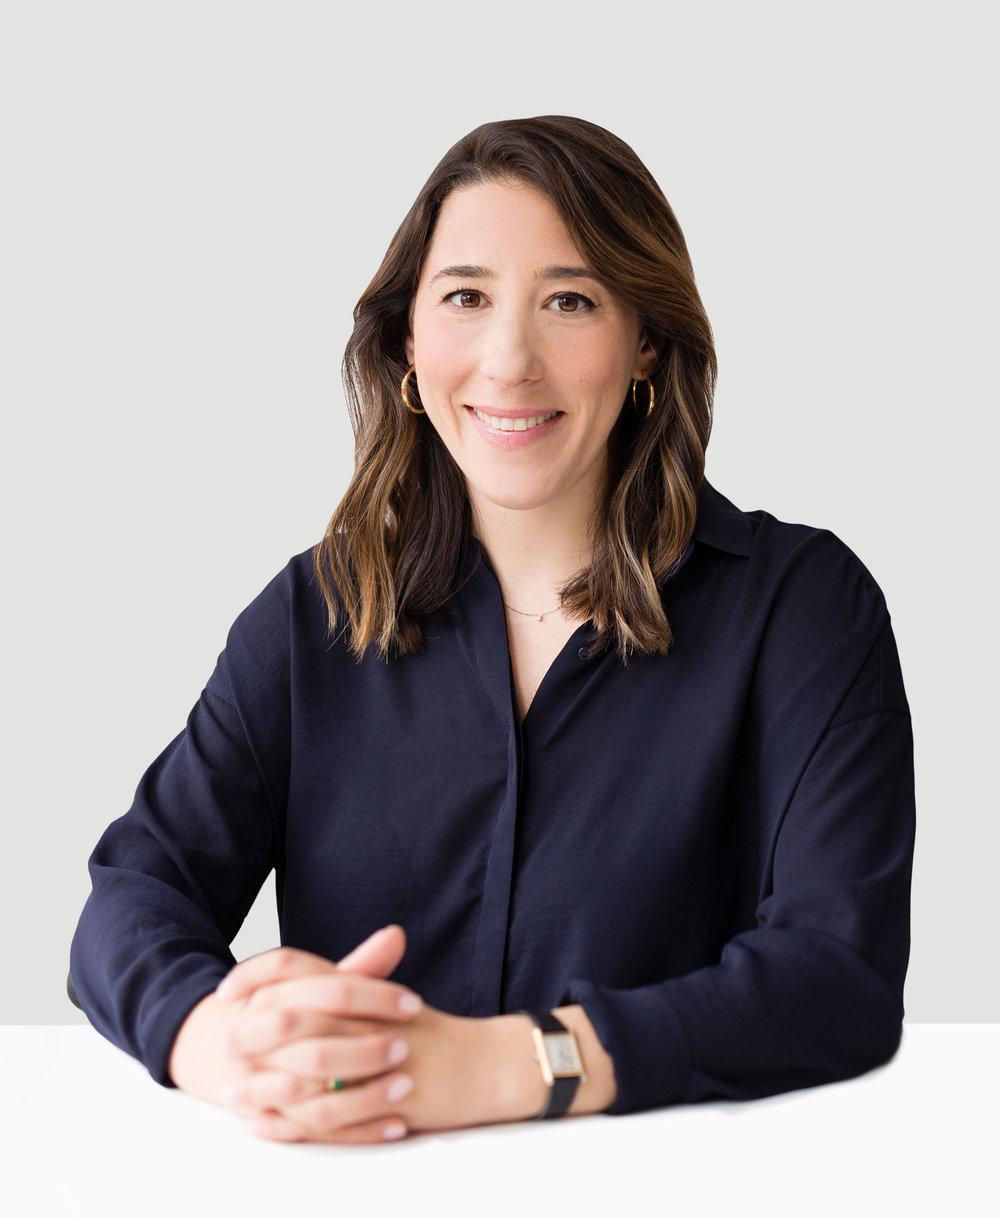 Suzanne Casolaro, Principal